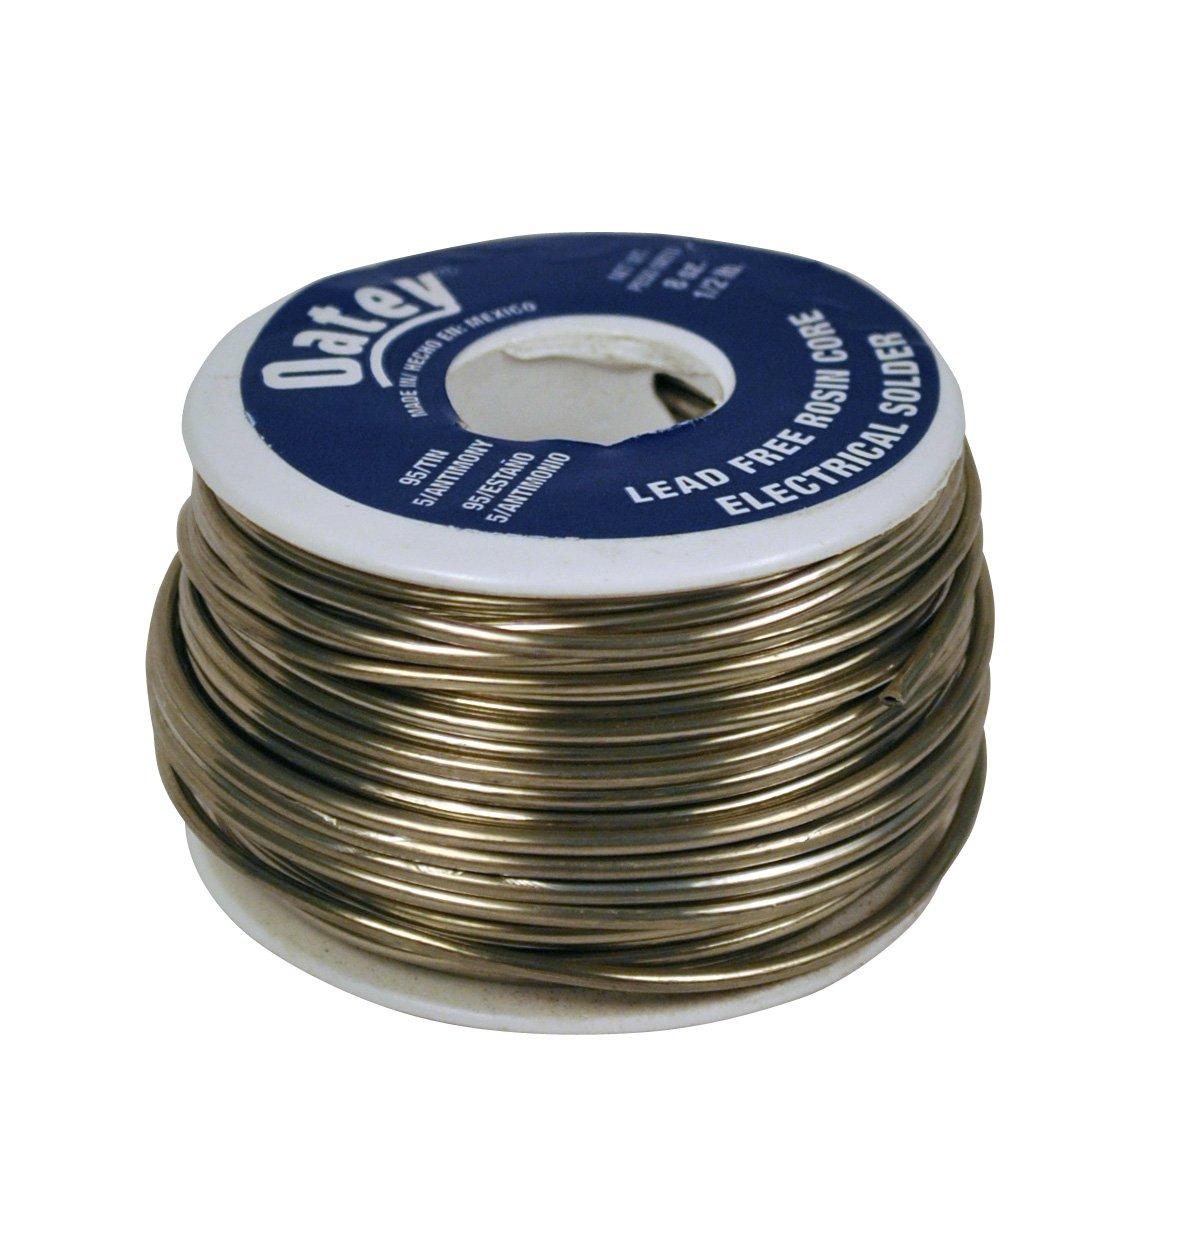 Oatey 53171 Rosin Core Wire Solder, 0.5 Lb Bulk, Solid, Gray 1/2 lb - - Amazon.com